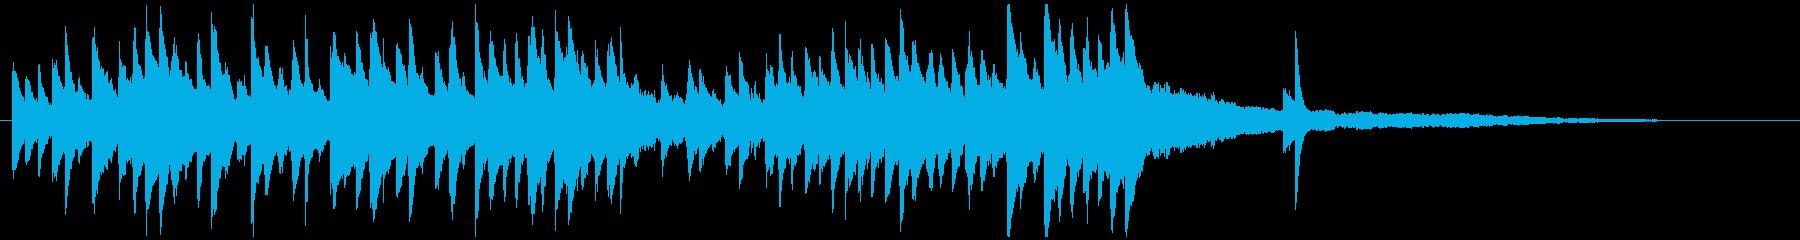 クラシックのキラキラピアノジングル美しいの再生済みの波形